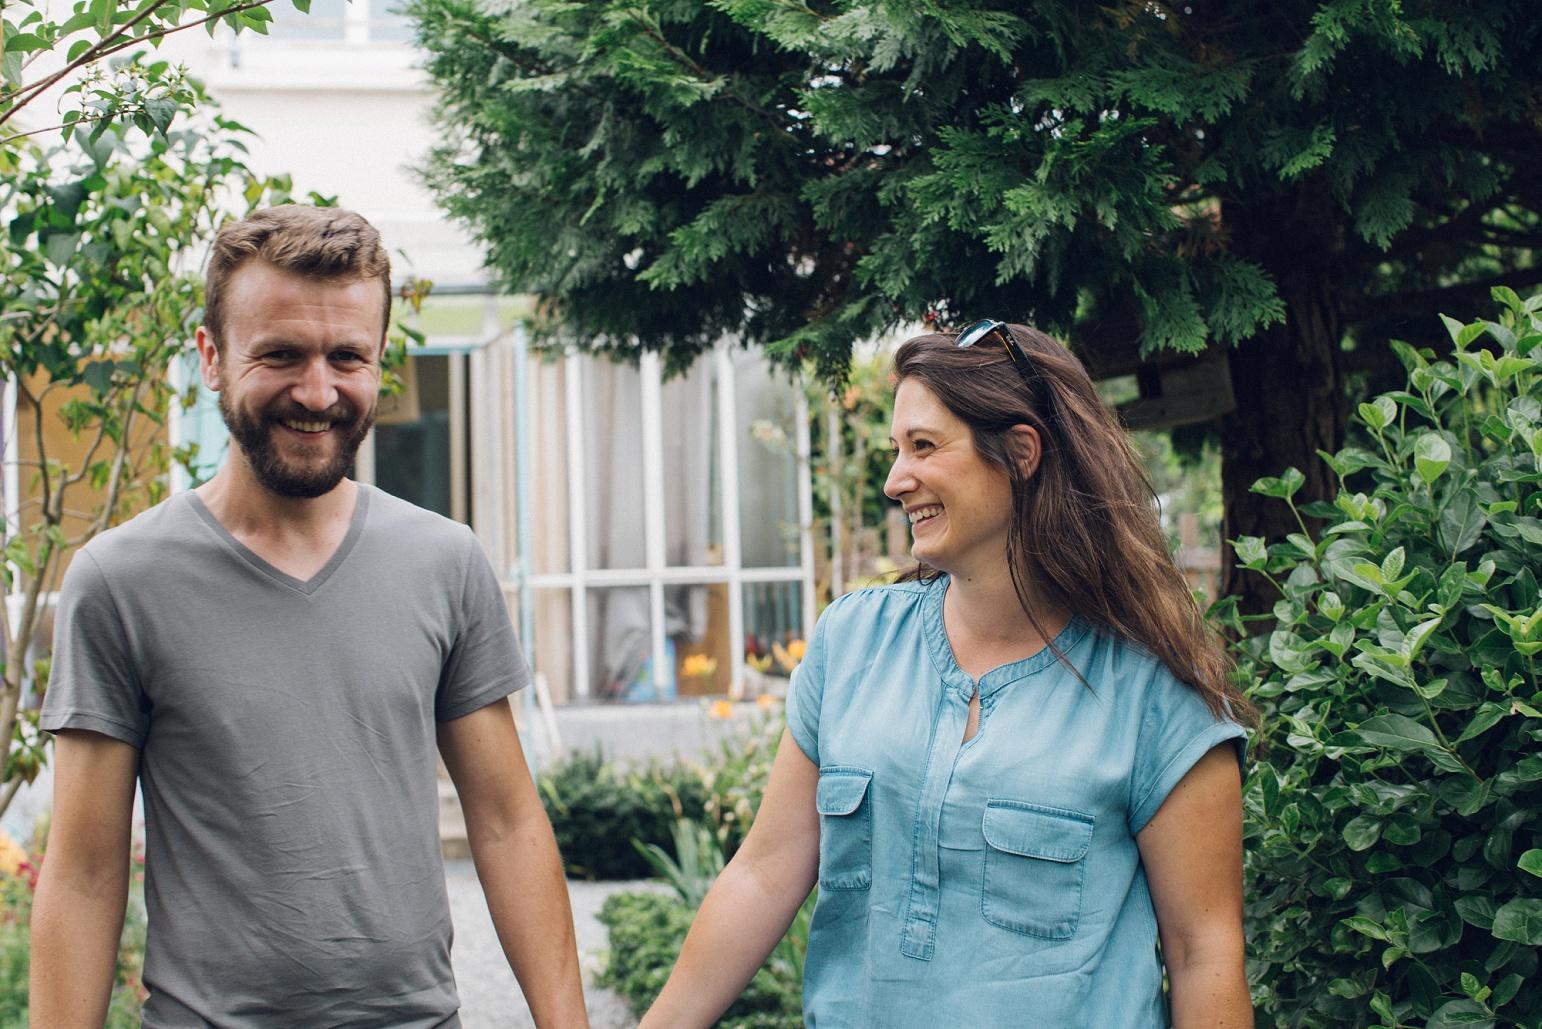 katerynaphotos-mariage-photographe-paysdelaloire-lemans-sarthe-sud_0730.jpg